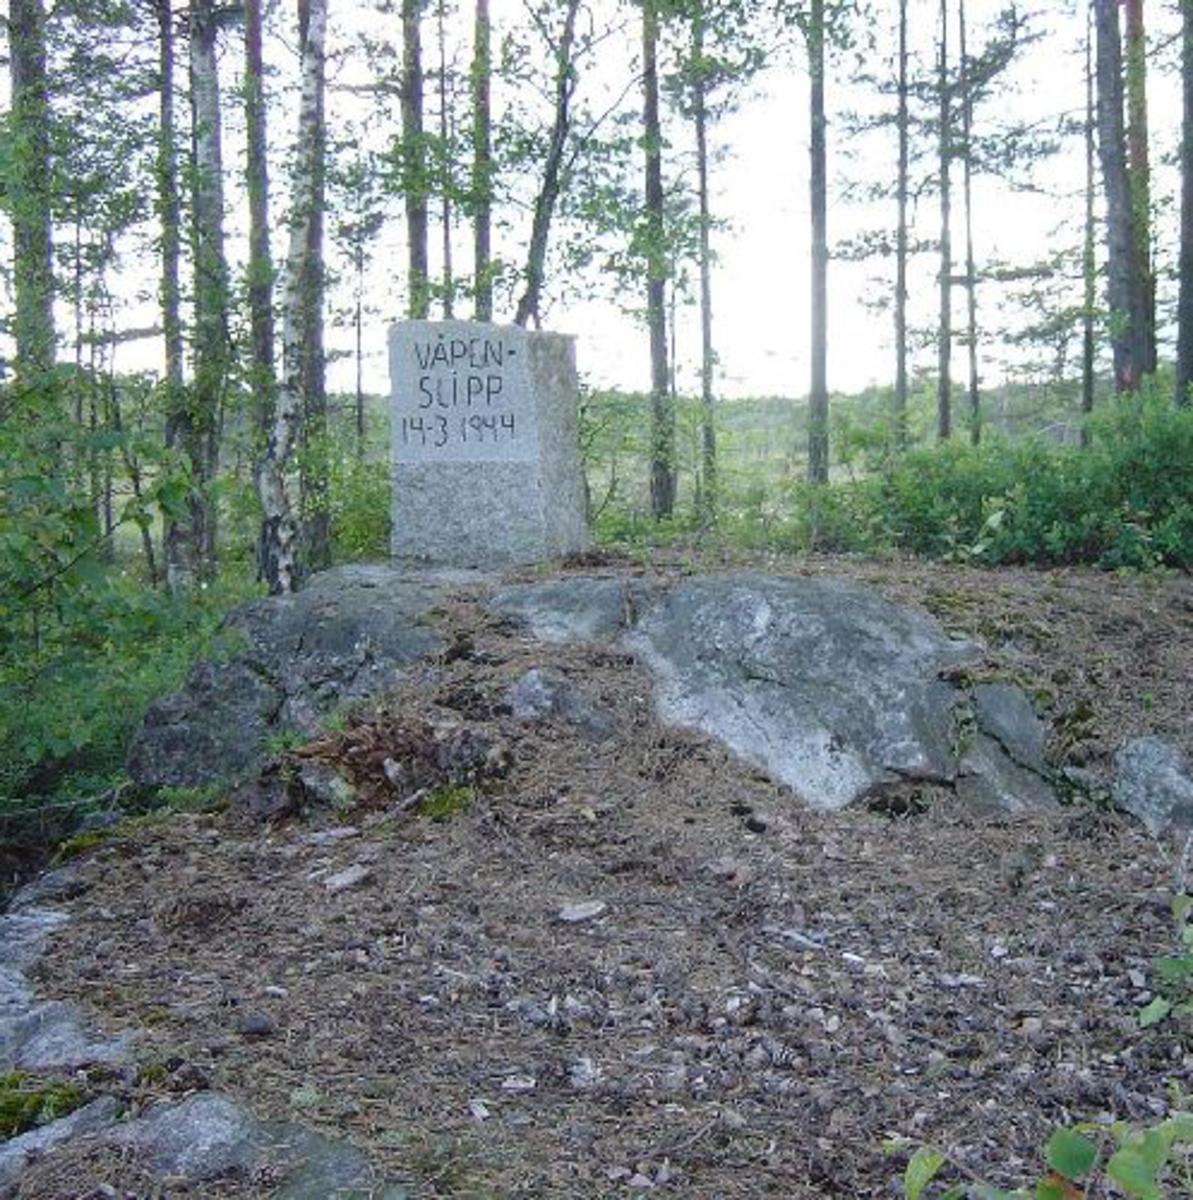 Granittstein ca 60 cm x 20 cm. 80 cm høy